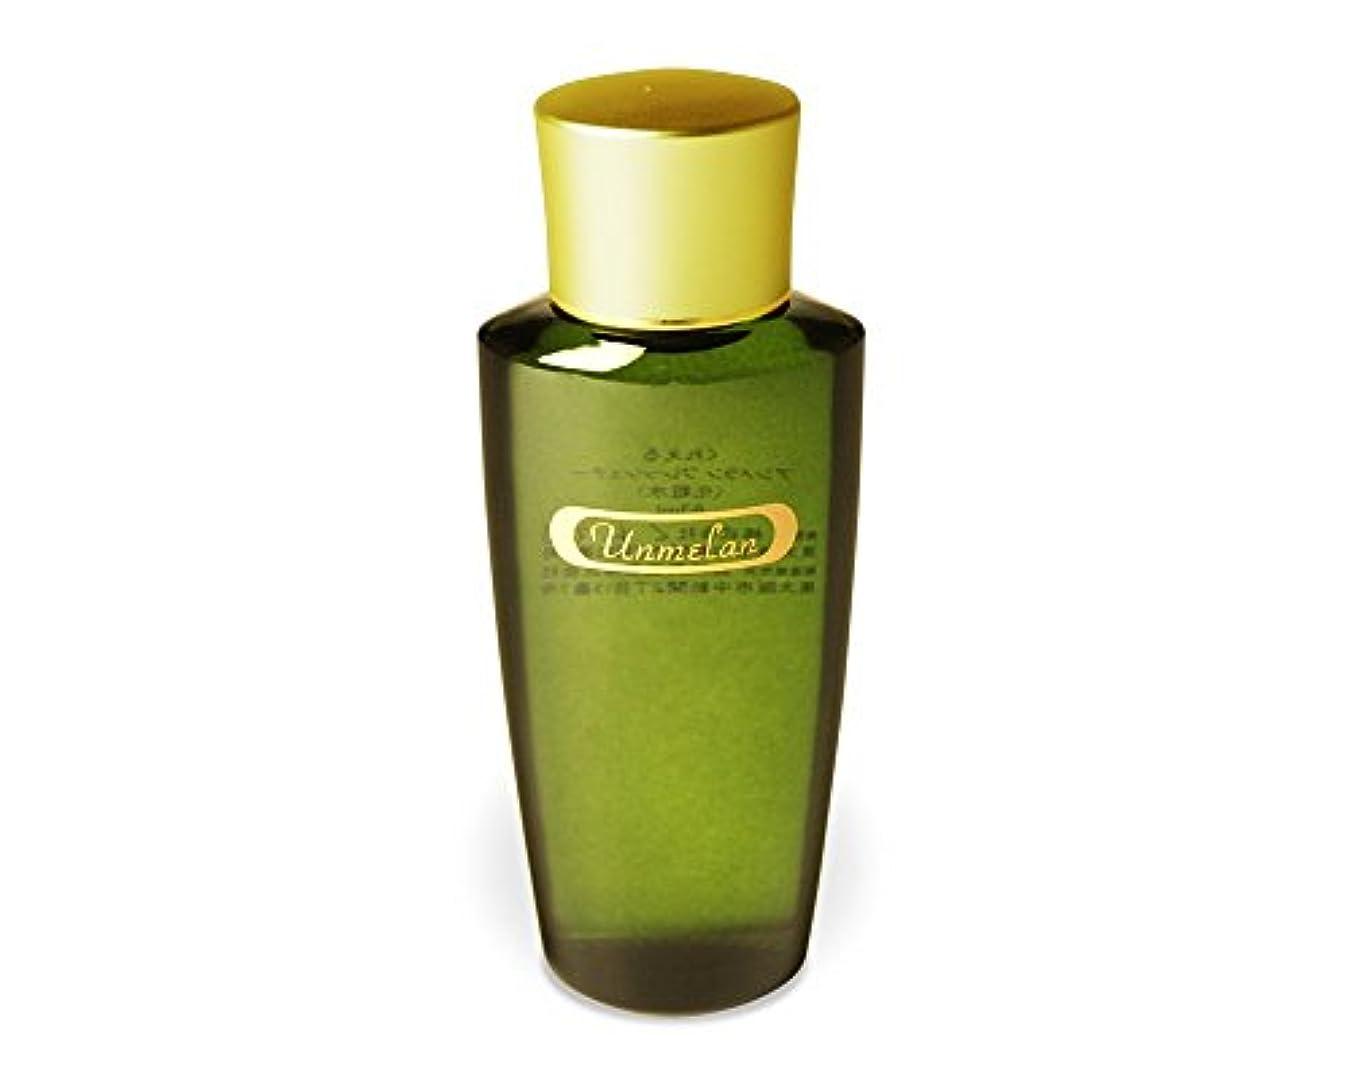 採用するピルファー二くれえる アンメラン フレッシュナー 化粧水